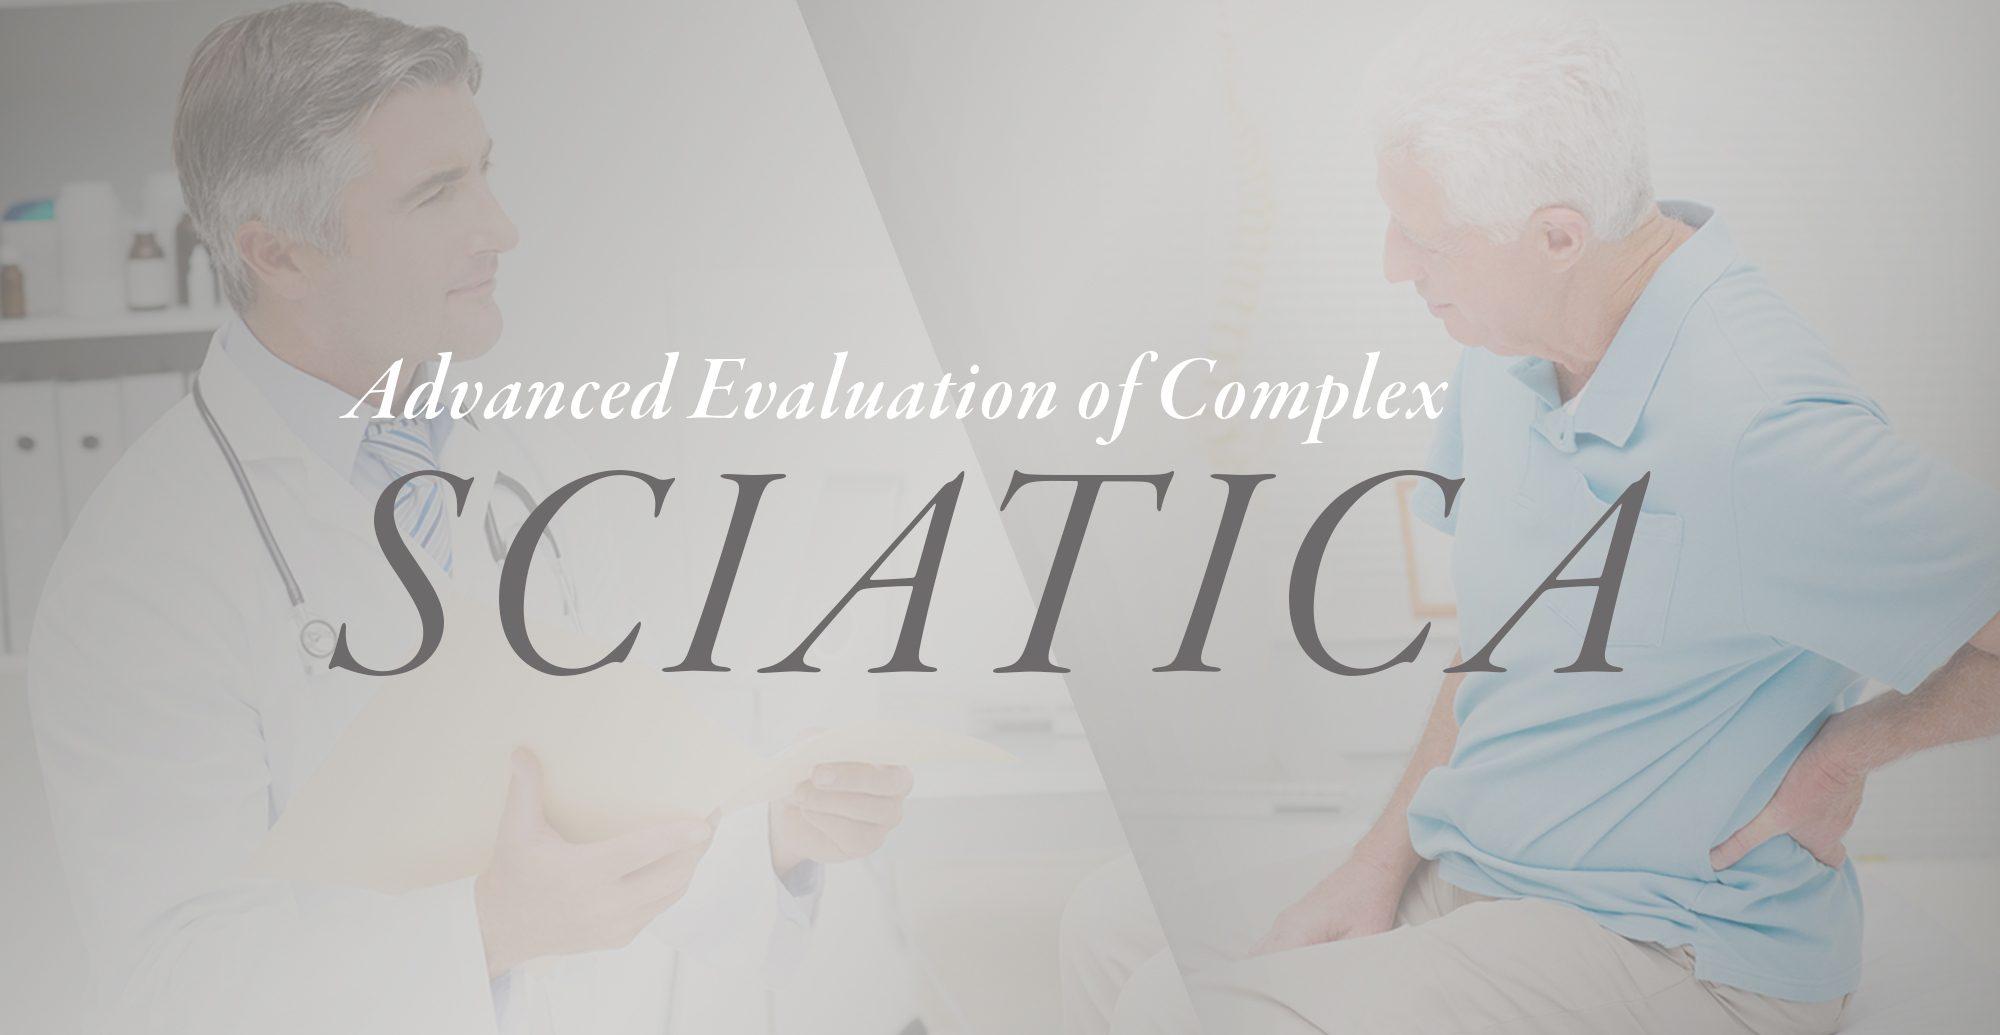 Advanced Evaluation of Complex Sciatica | El Paso, TX Chiropractor